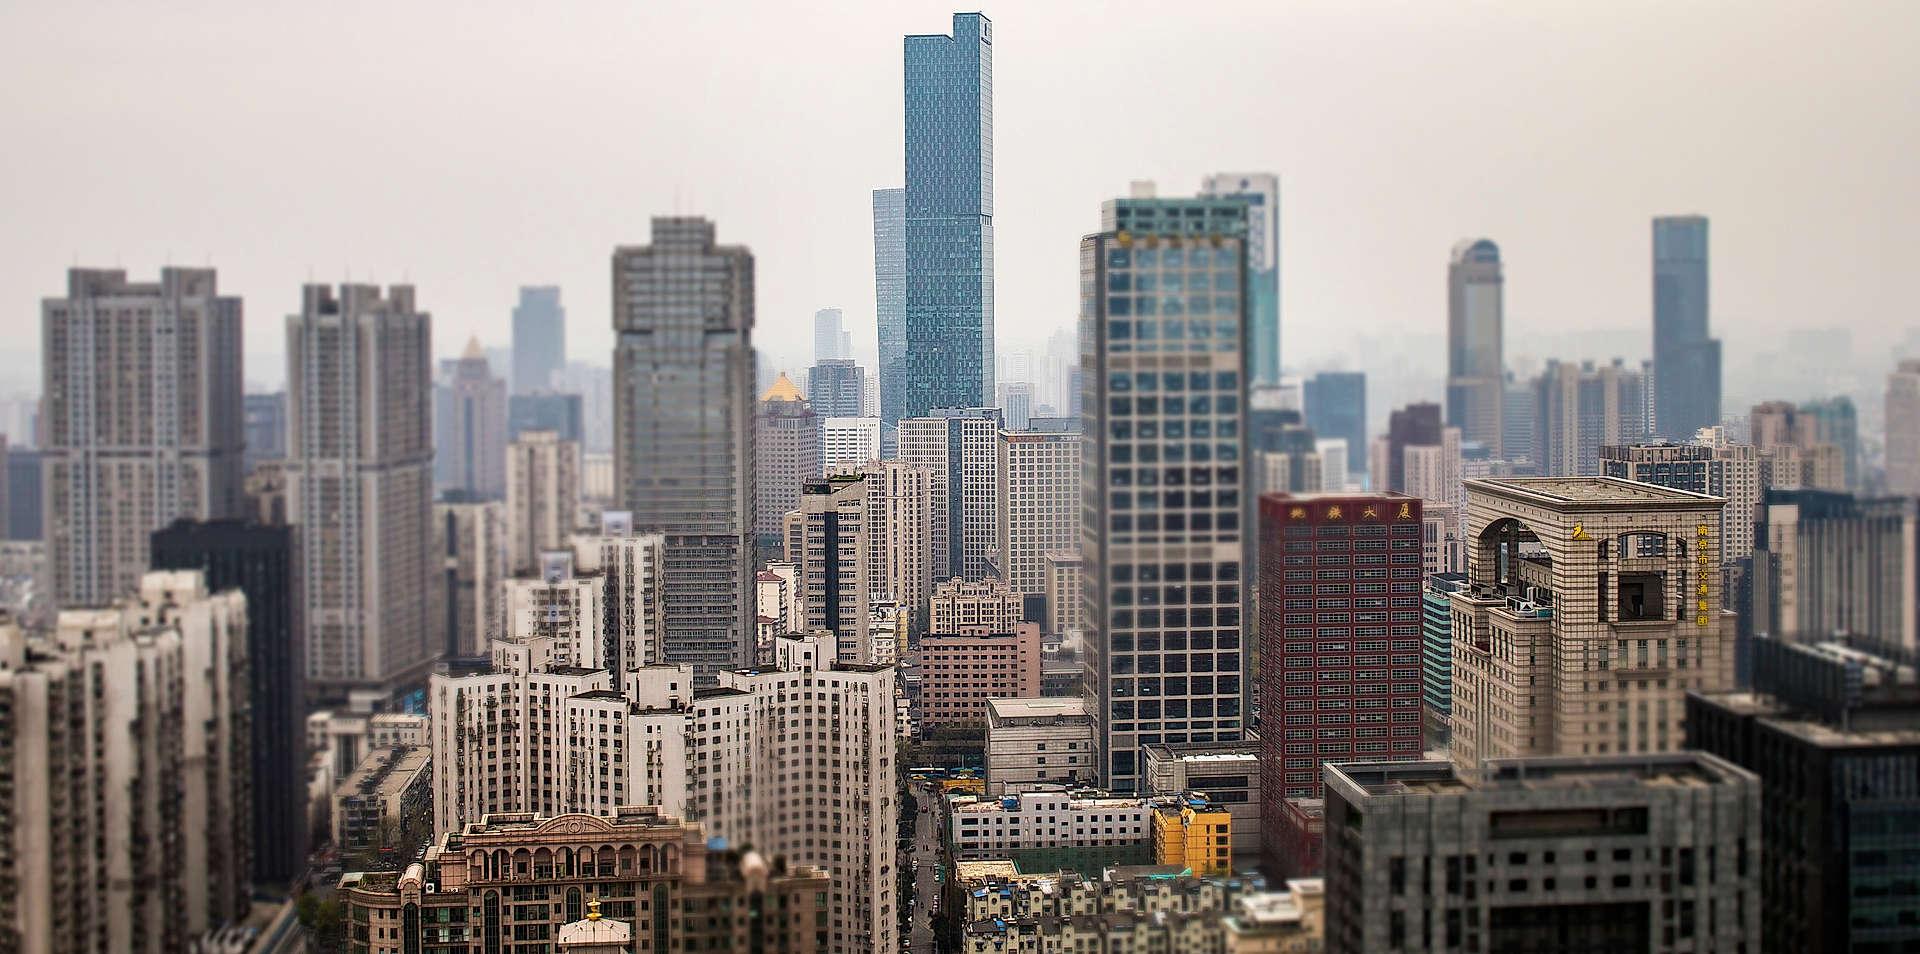 Deji Plaza Phase 2, Nanjing, China